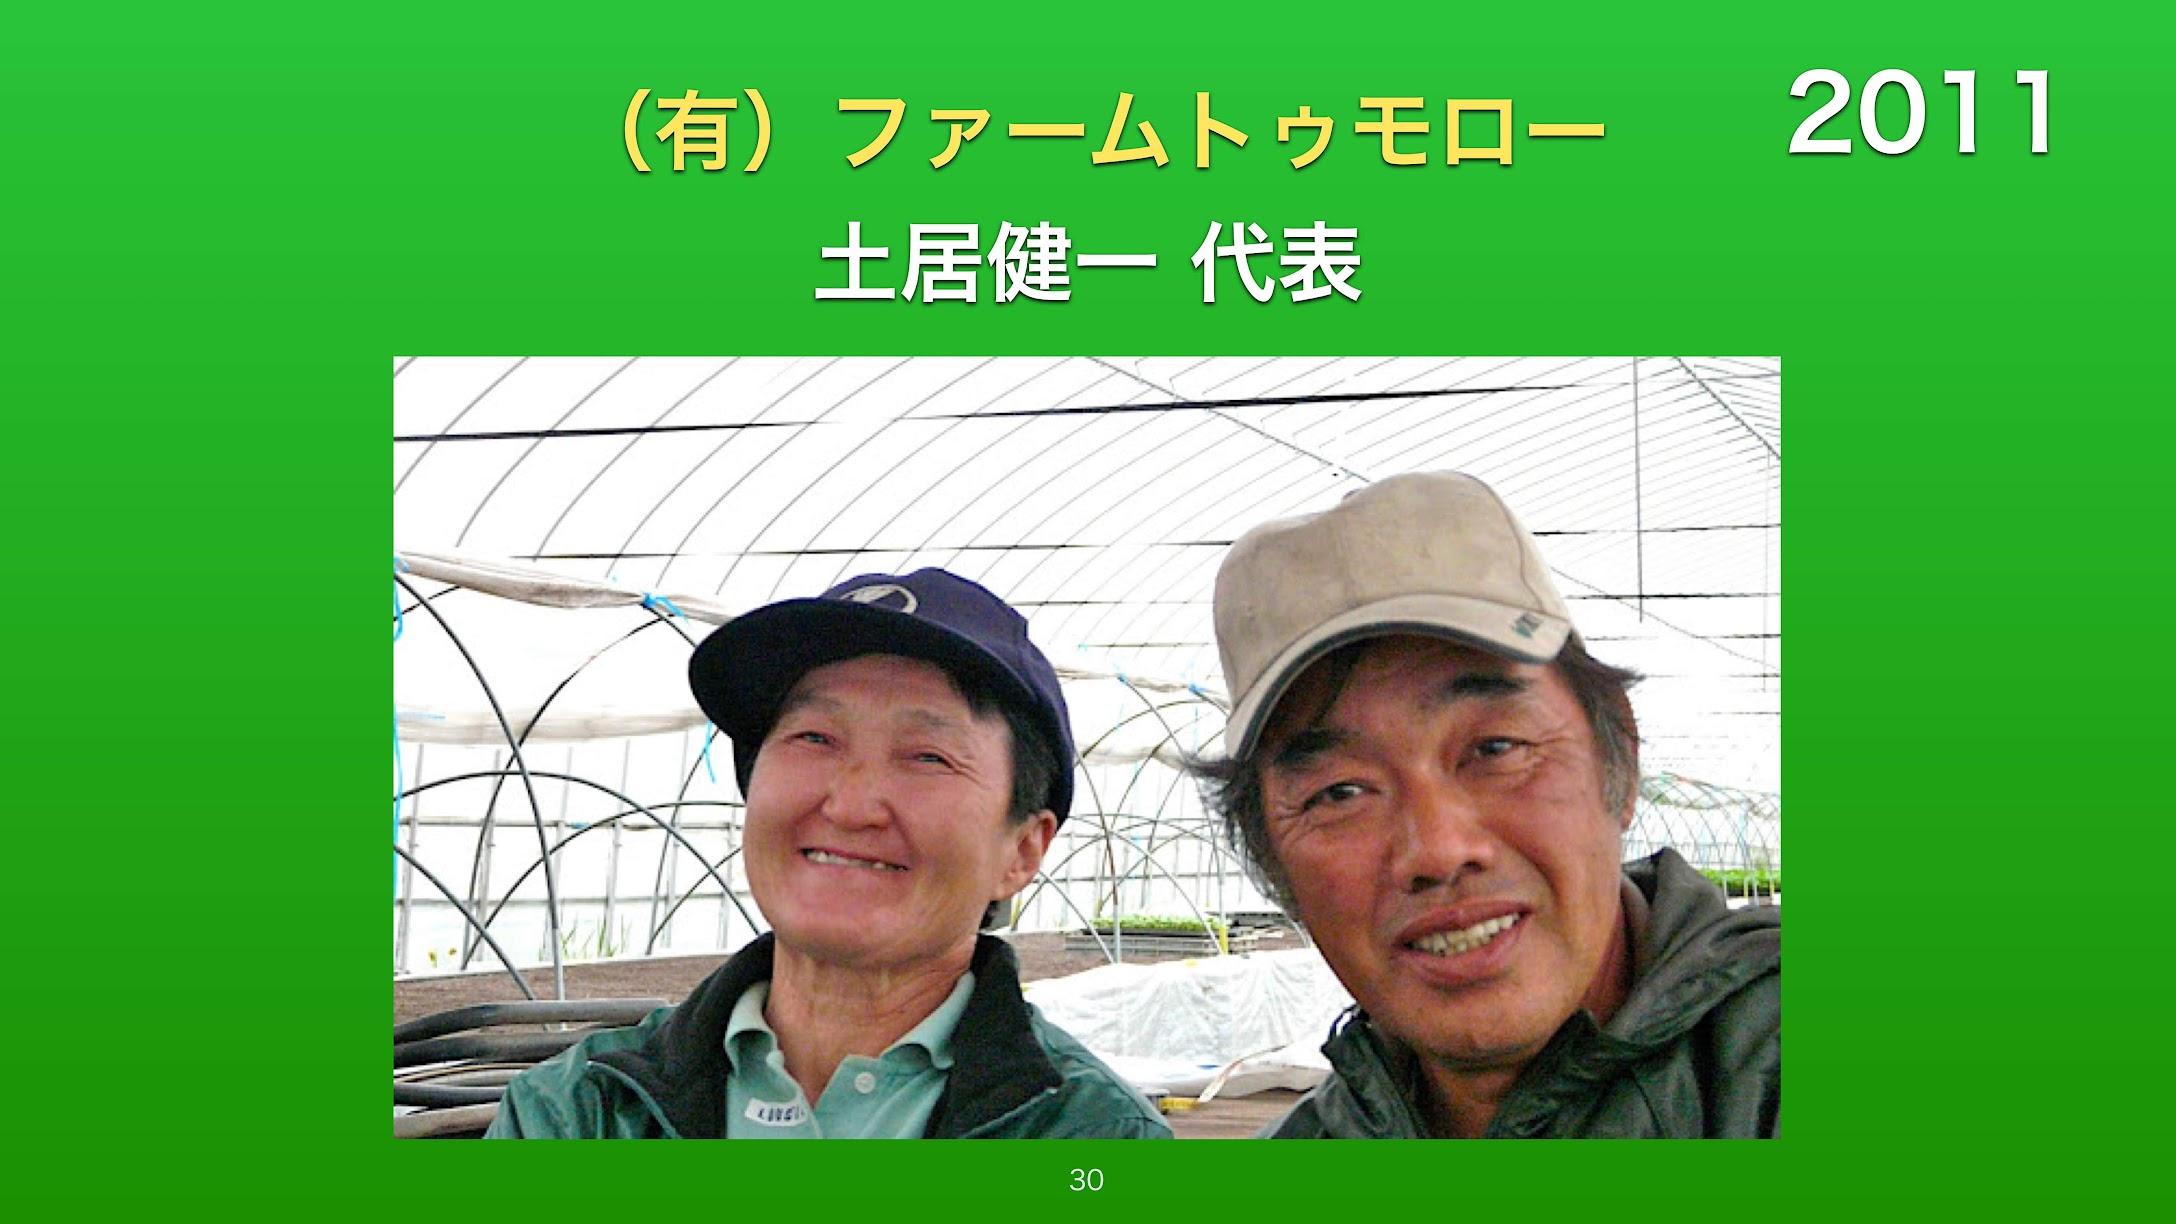 (有)ファームトゥモロー・土居健一代表